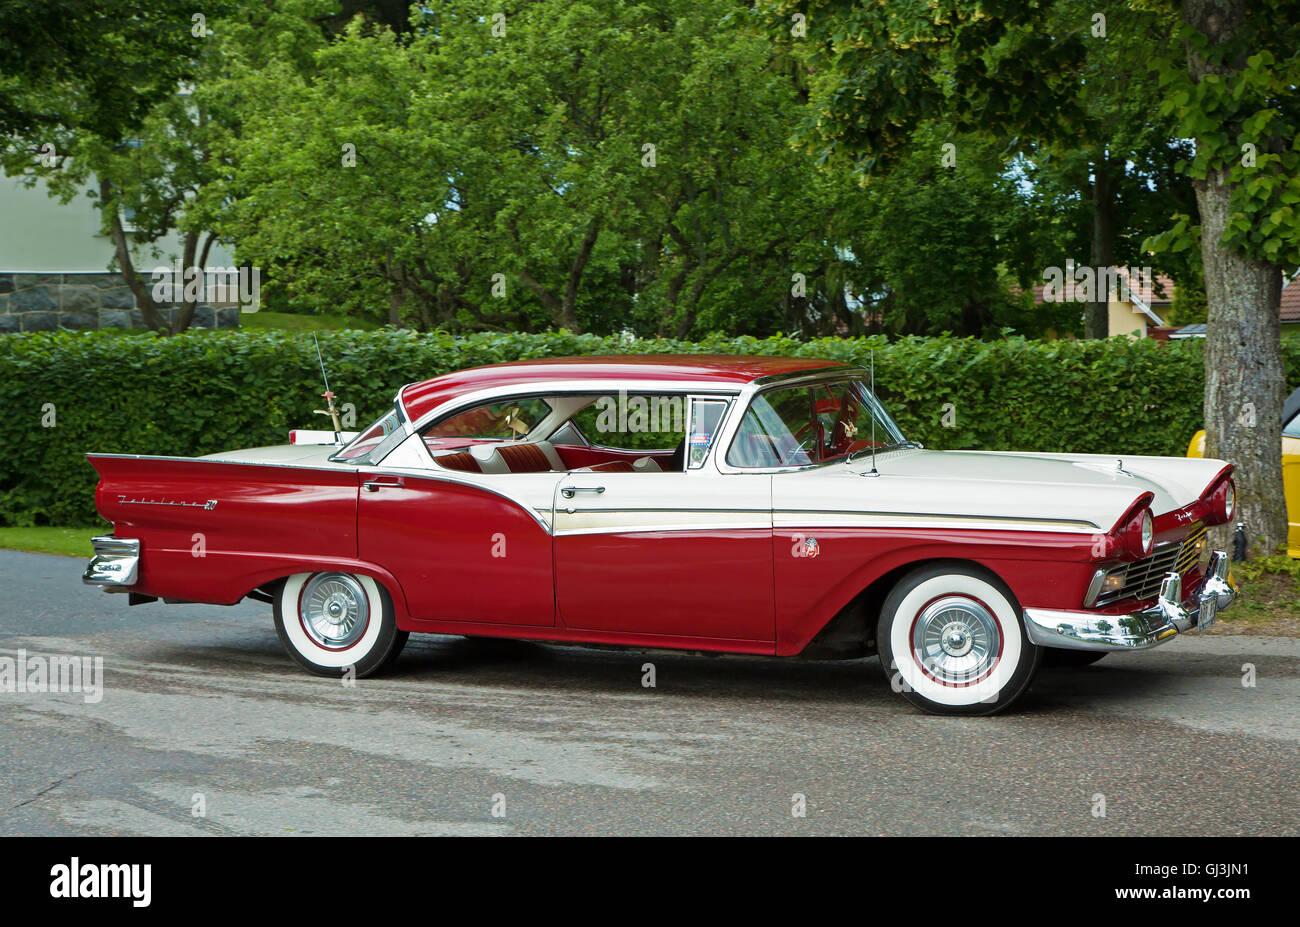 Ford Fairlane 500 Stadt Jahr 1957